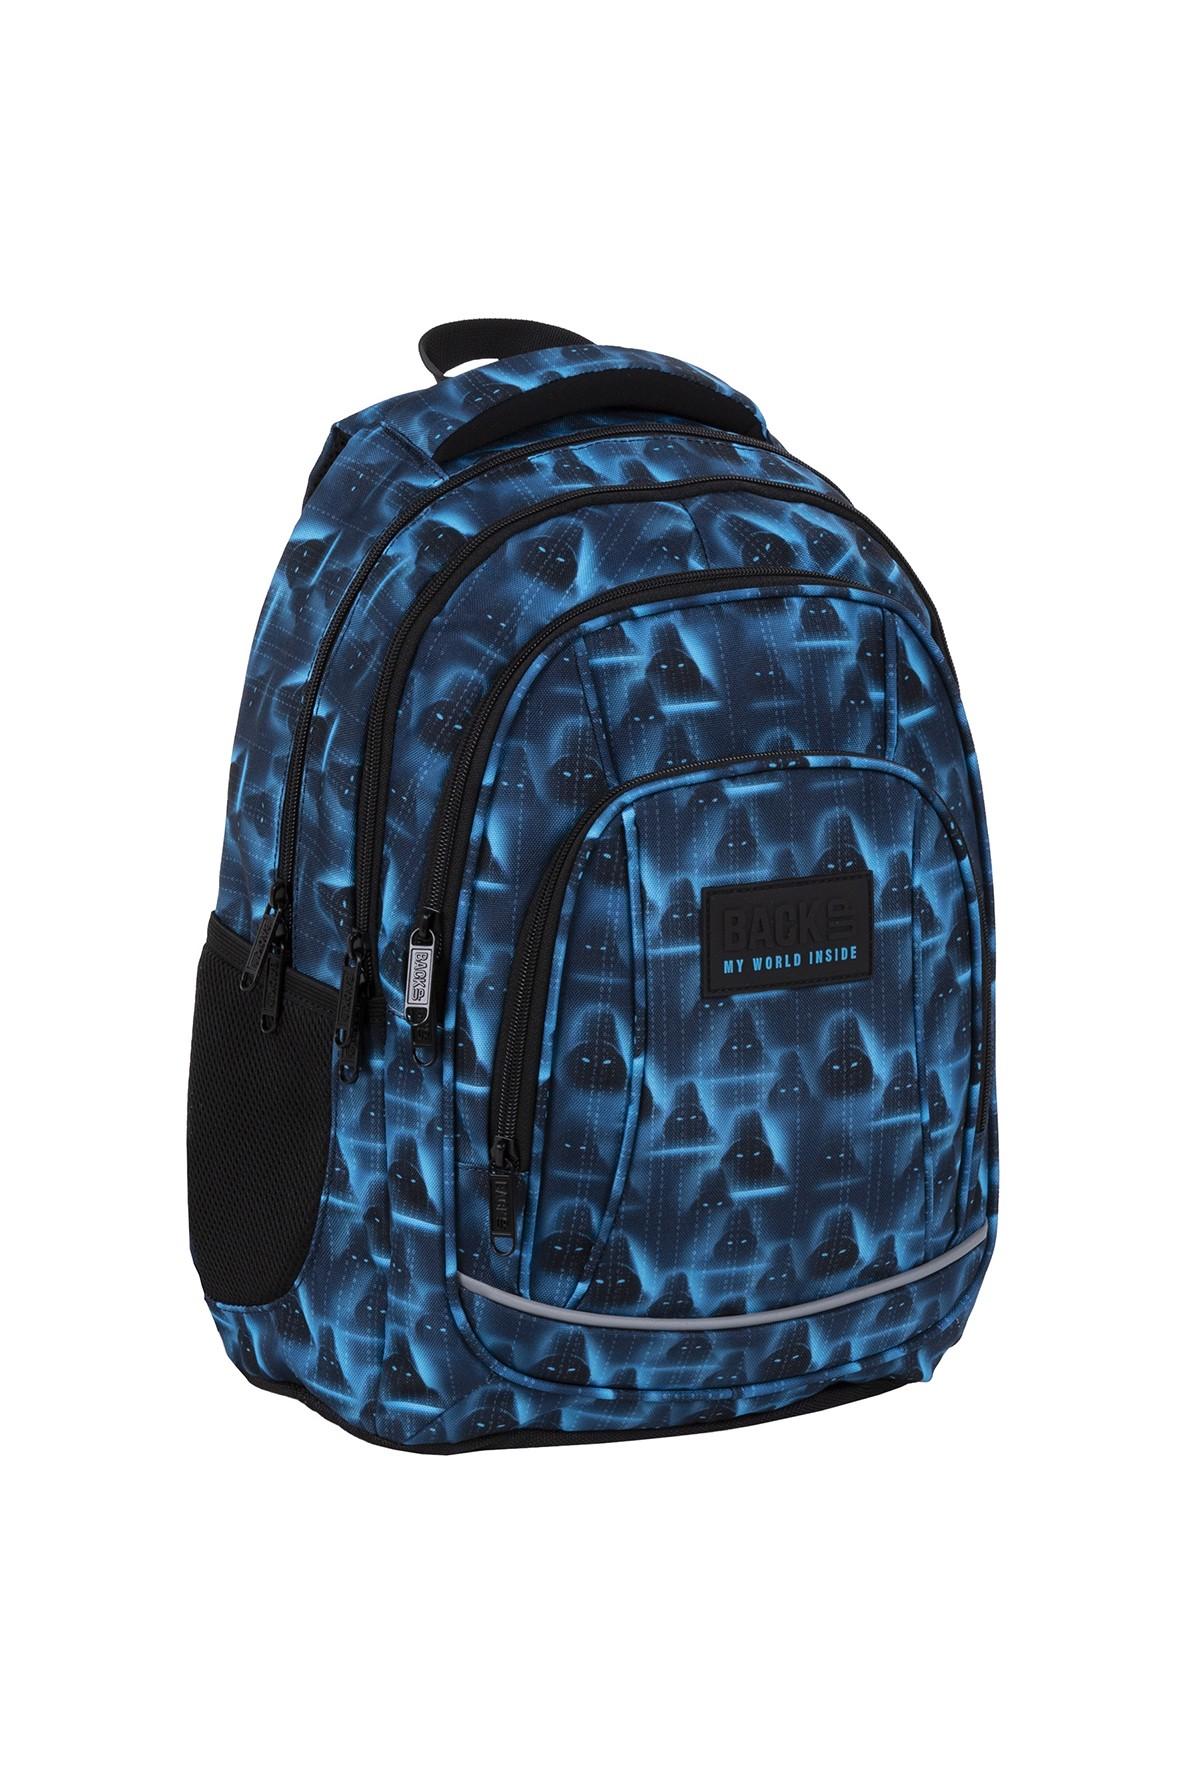 Plecak BackUp chłopięcy we wzory